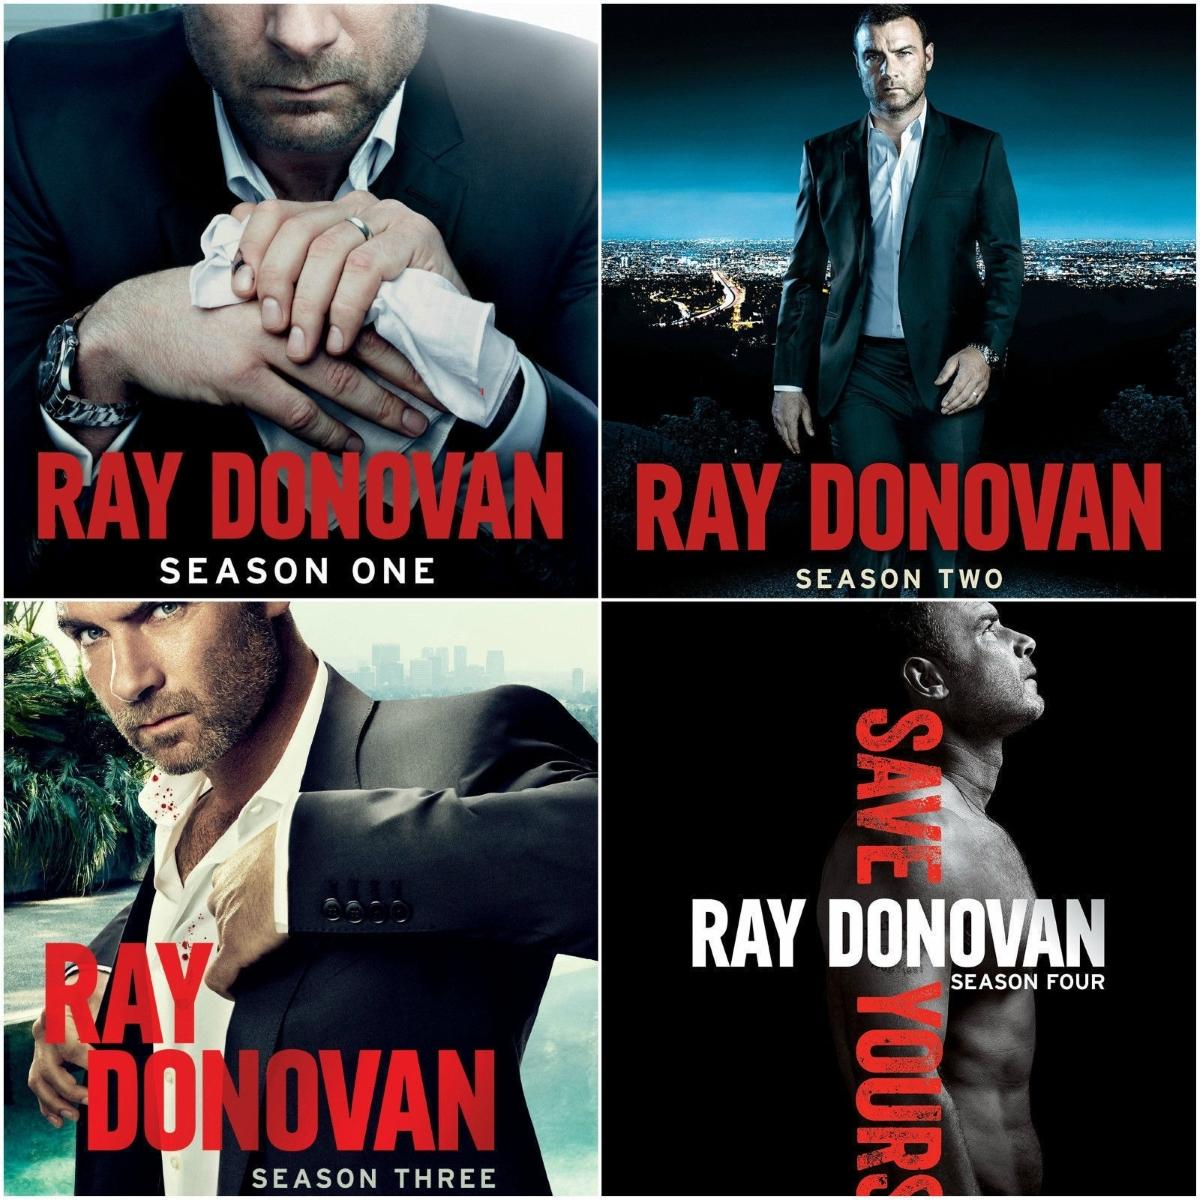 Ray donovan season 1 4 dvd bundle 1 2 3 4 2